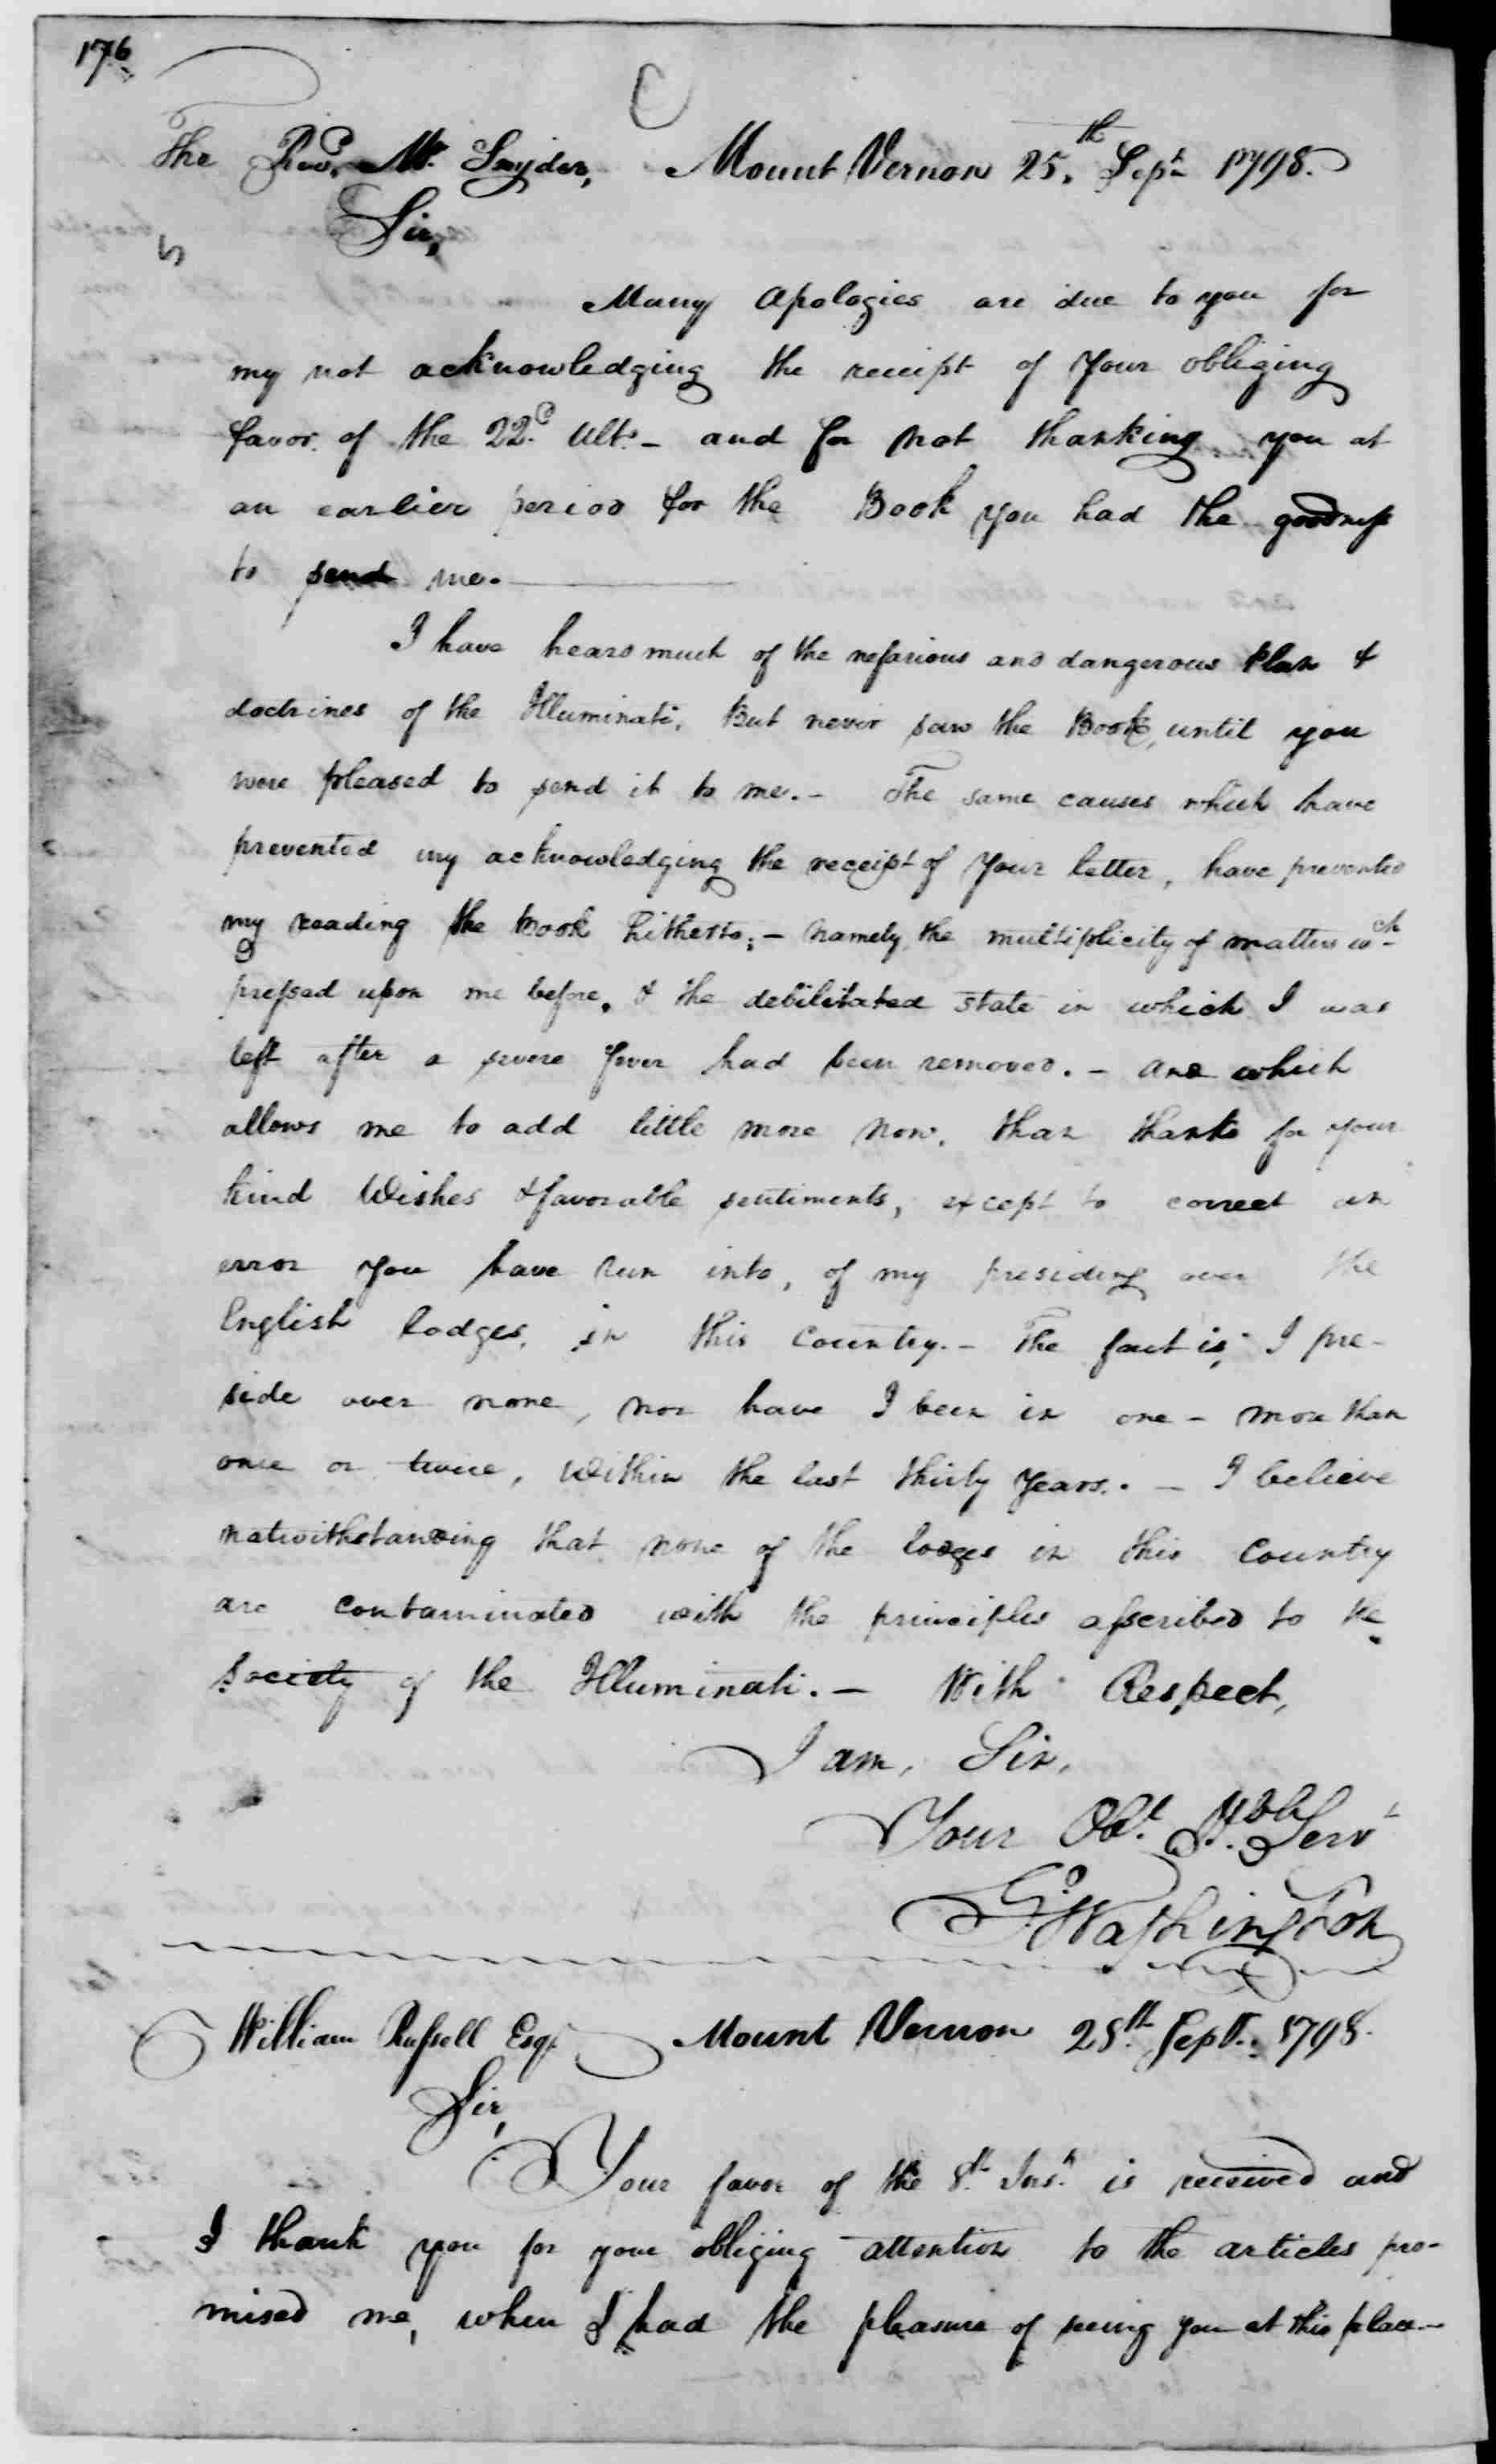 George Washington to George Washington Snyder, September 25, 1798